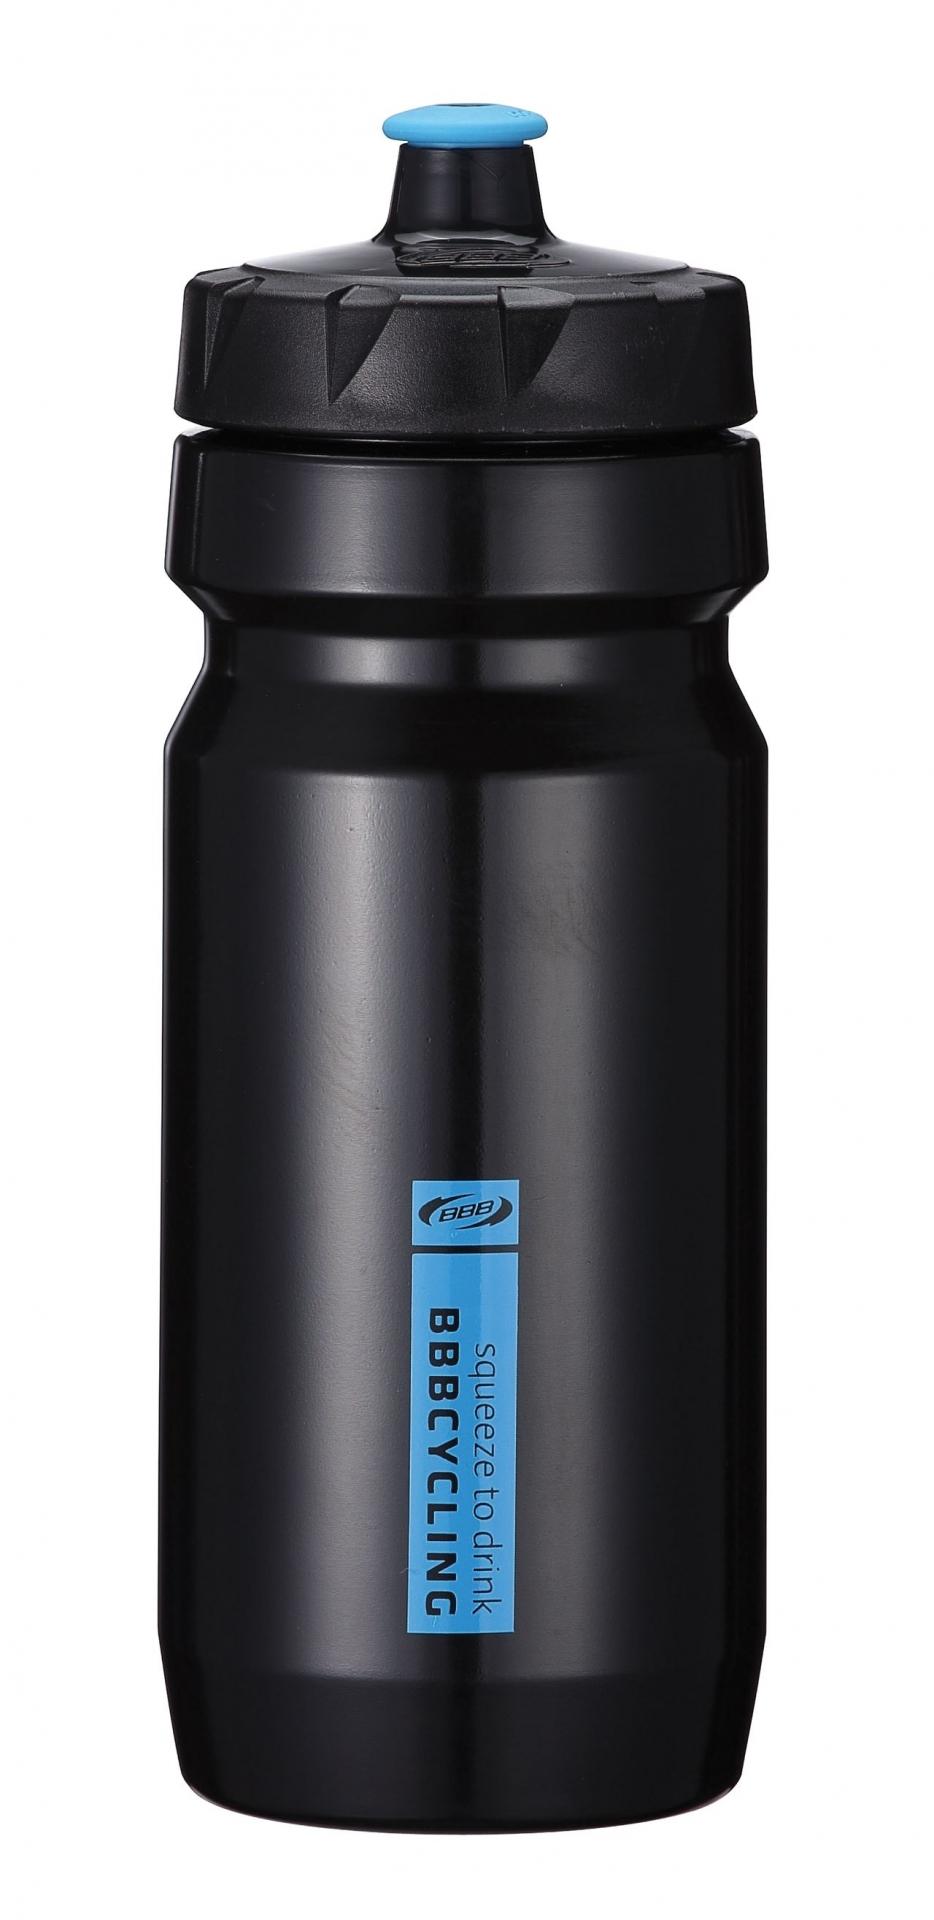 Bidon BBB CompTank 550 ml Noir/Bleu - BWB-01